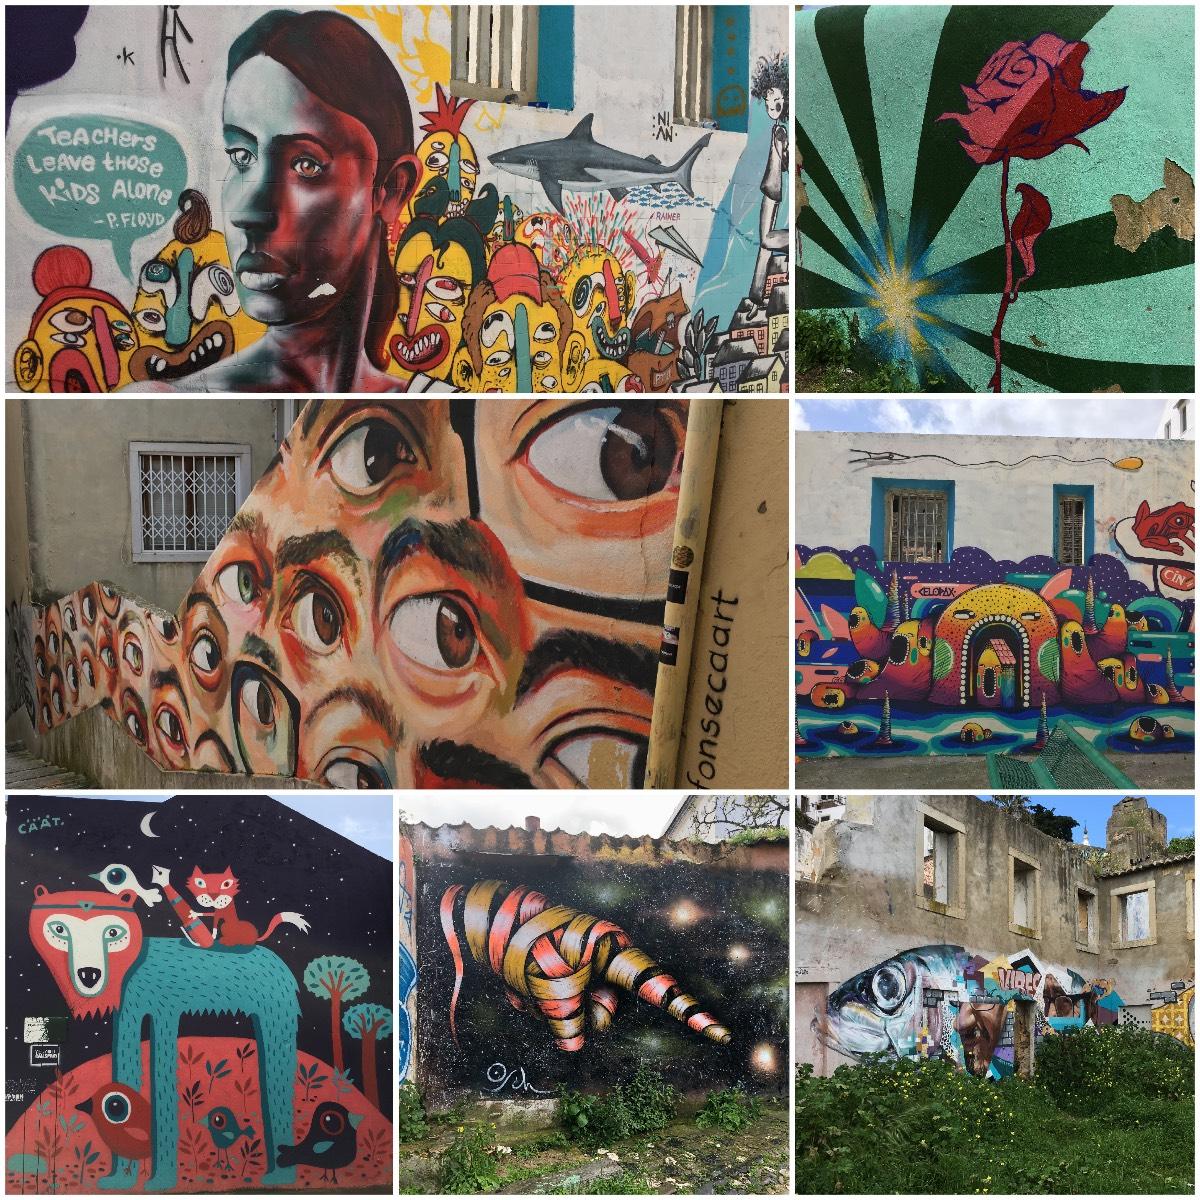 graffitis and murals